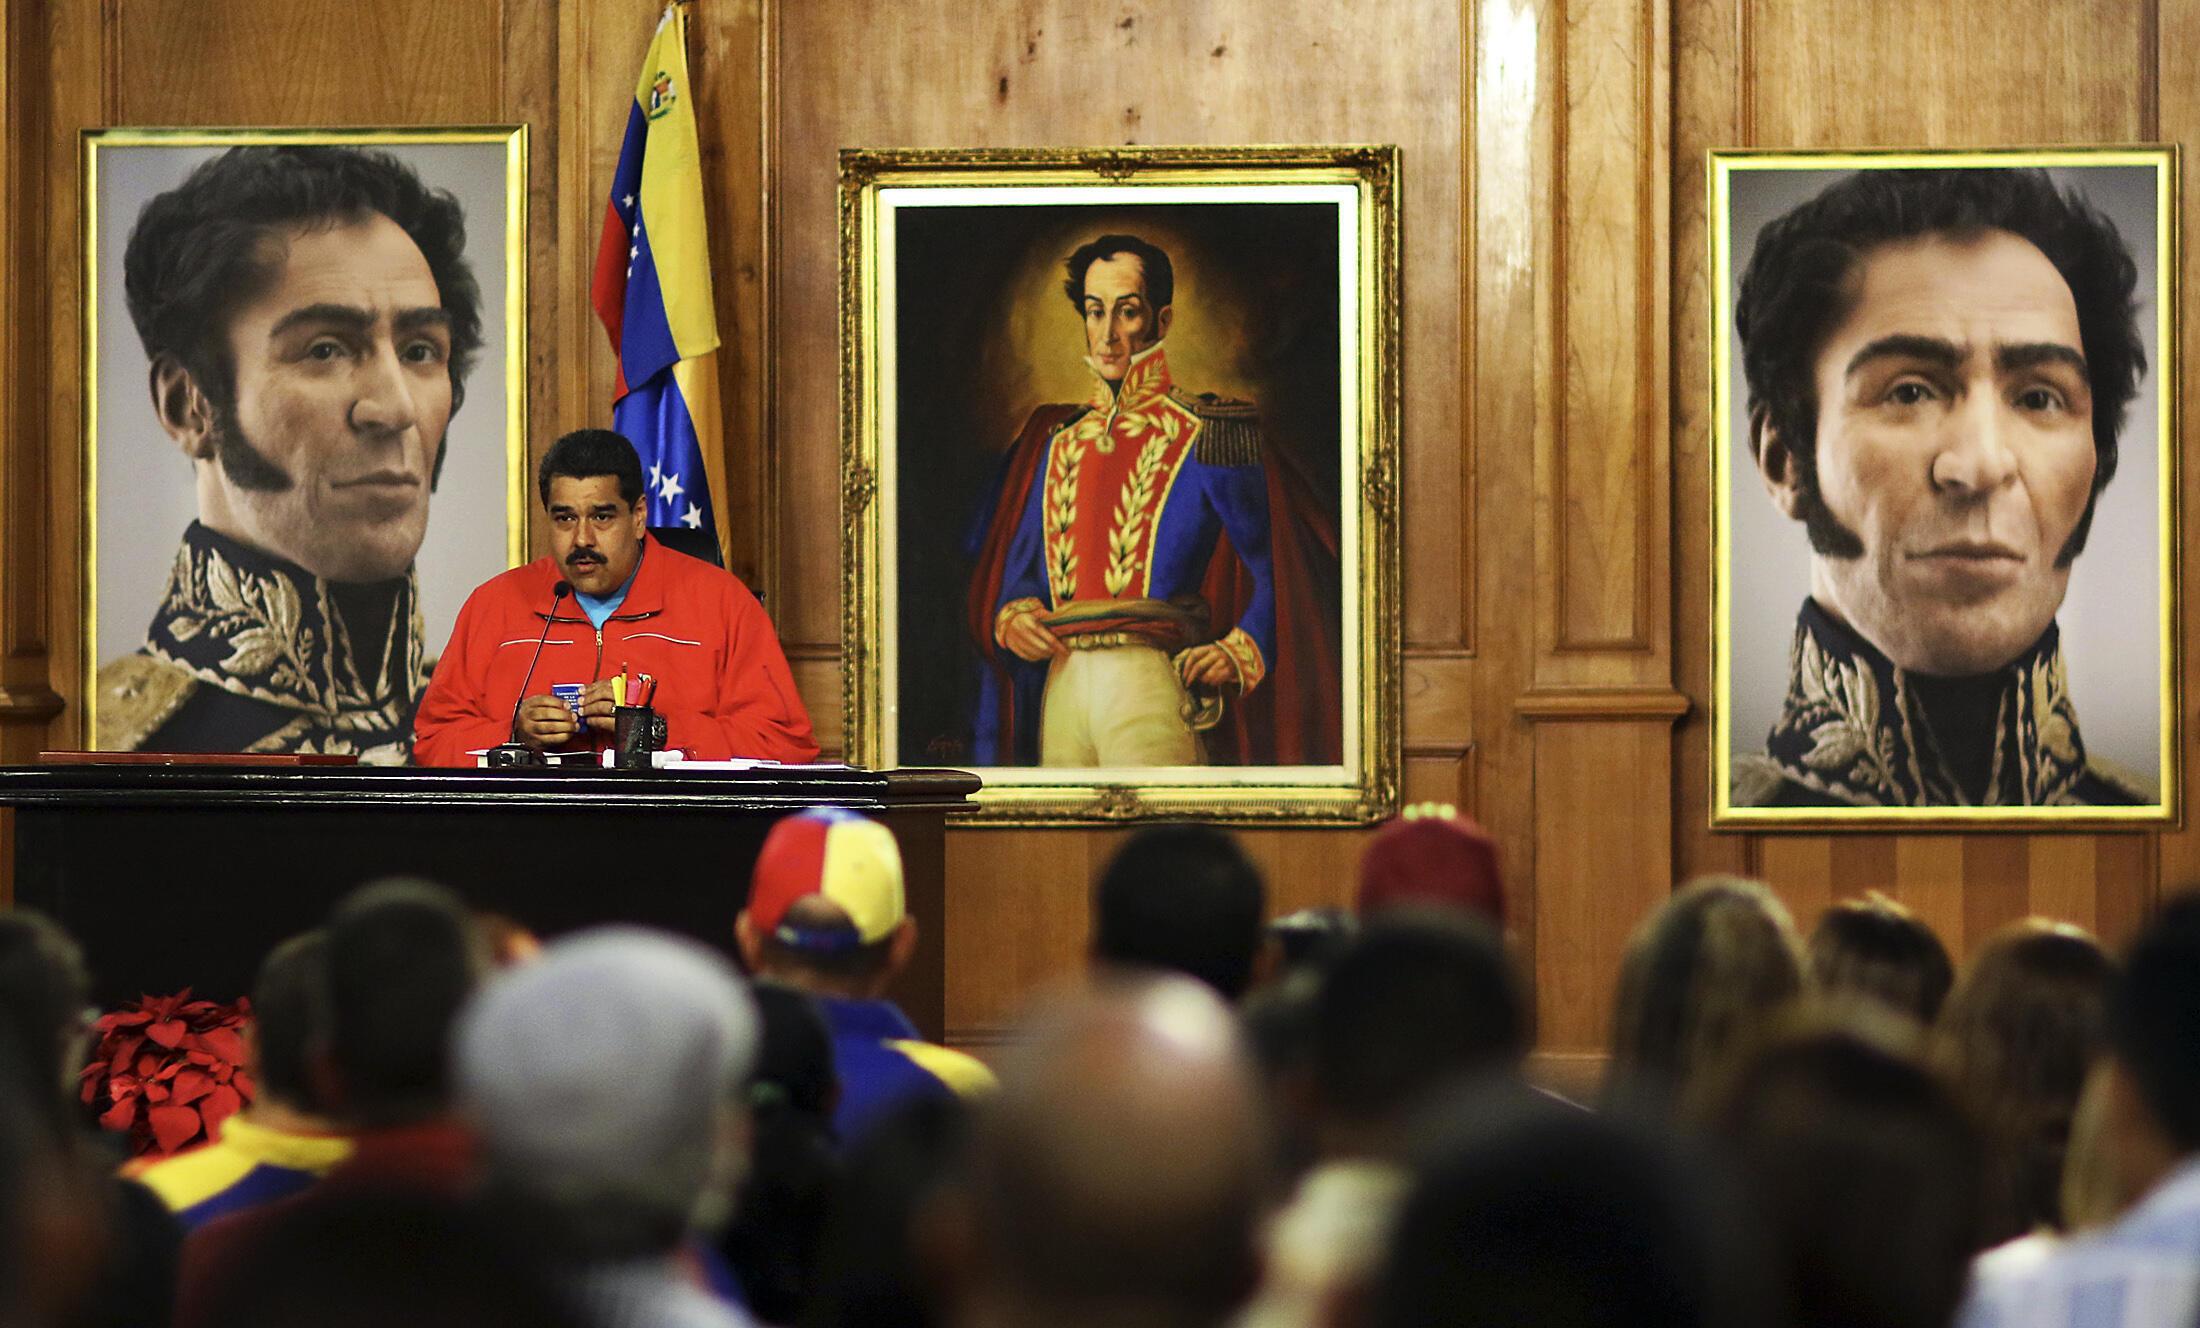 Conférence de presse du président vénézuélien Nicolas Maduro après l'annonce des résultats. Caracas, dans la nuit du dimanche au lundi 7 décembre 2015.